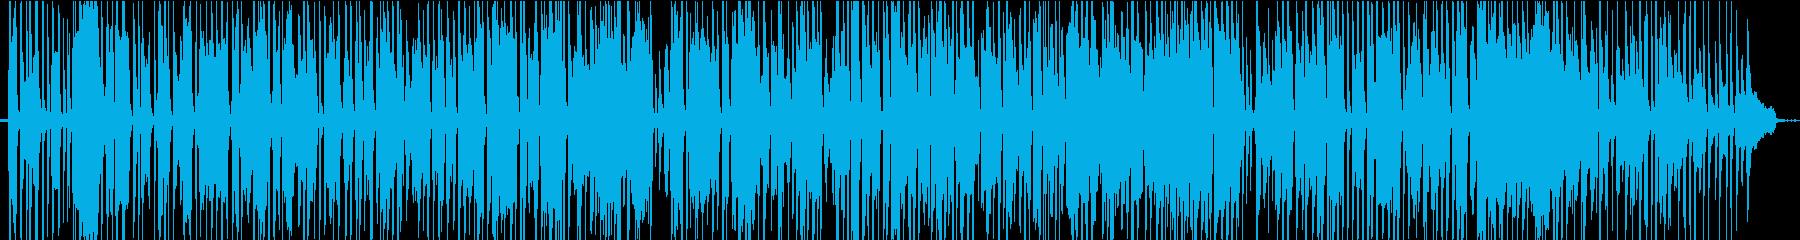 ピアノソロのジャズ風BGMの再生済みの波形